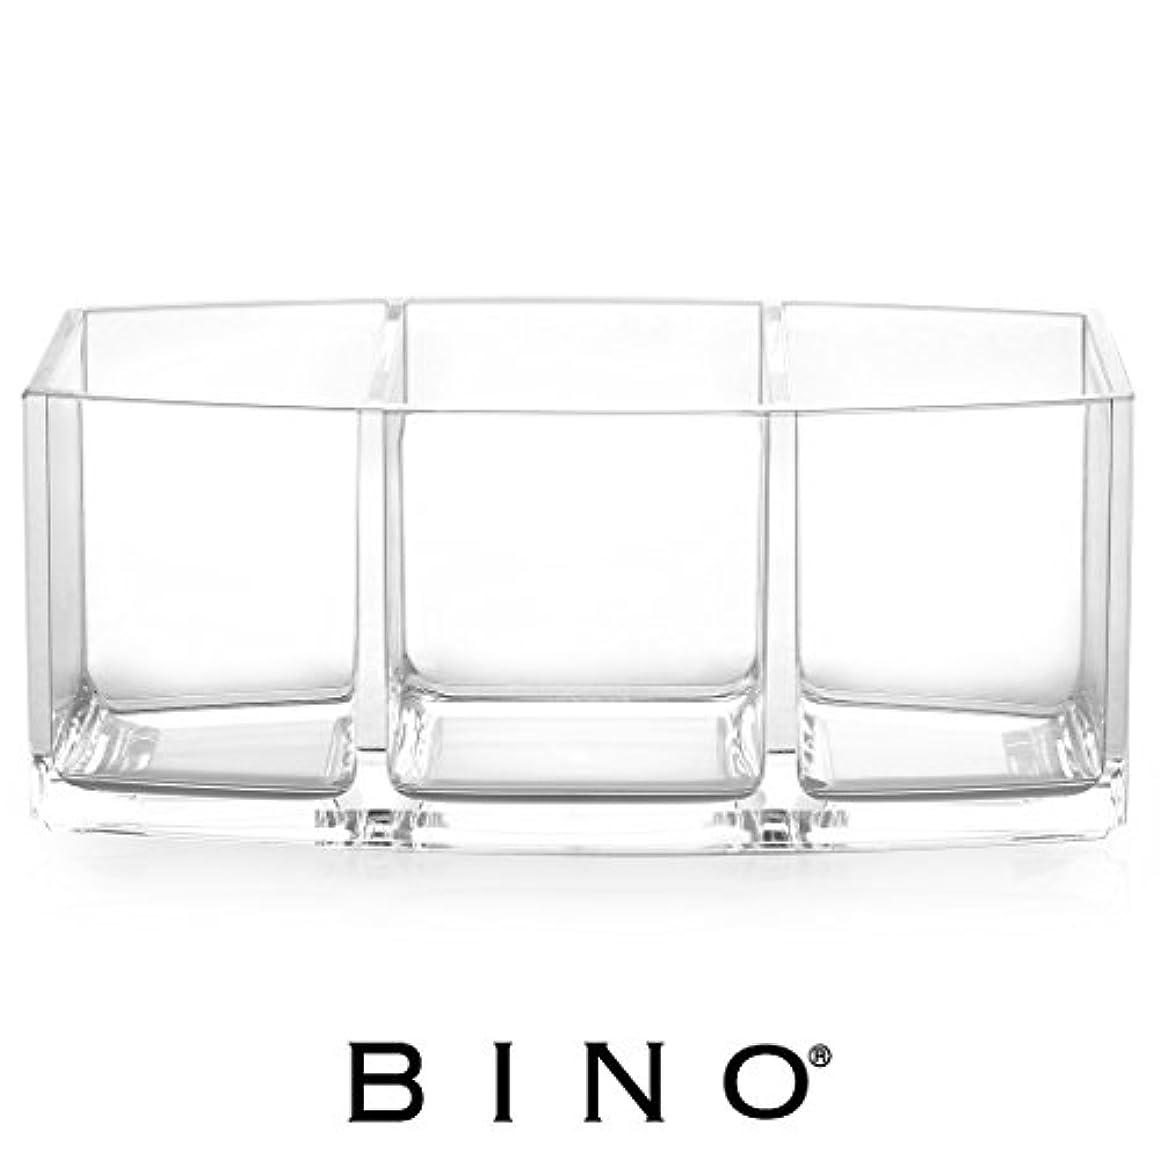 パトロール音解体するBINO 'Keep It Simple' 3 Compartment Acrylic Makeup and Medicine Cabinet Organizer by BINO